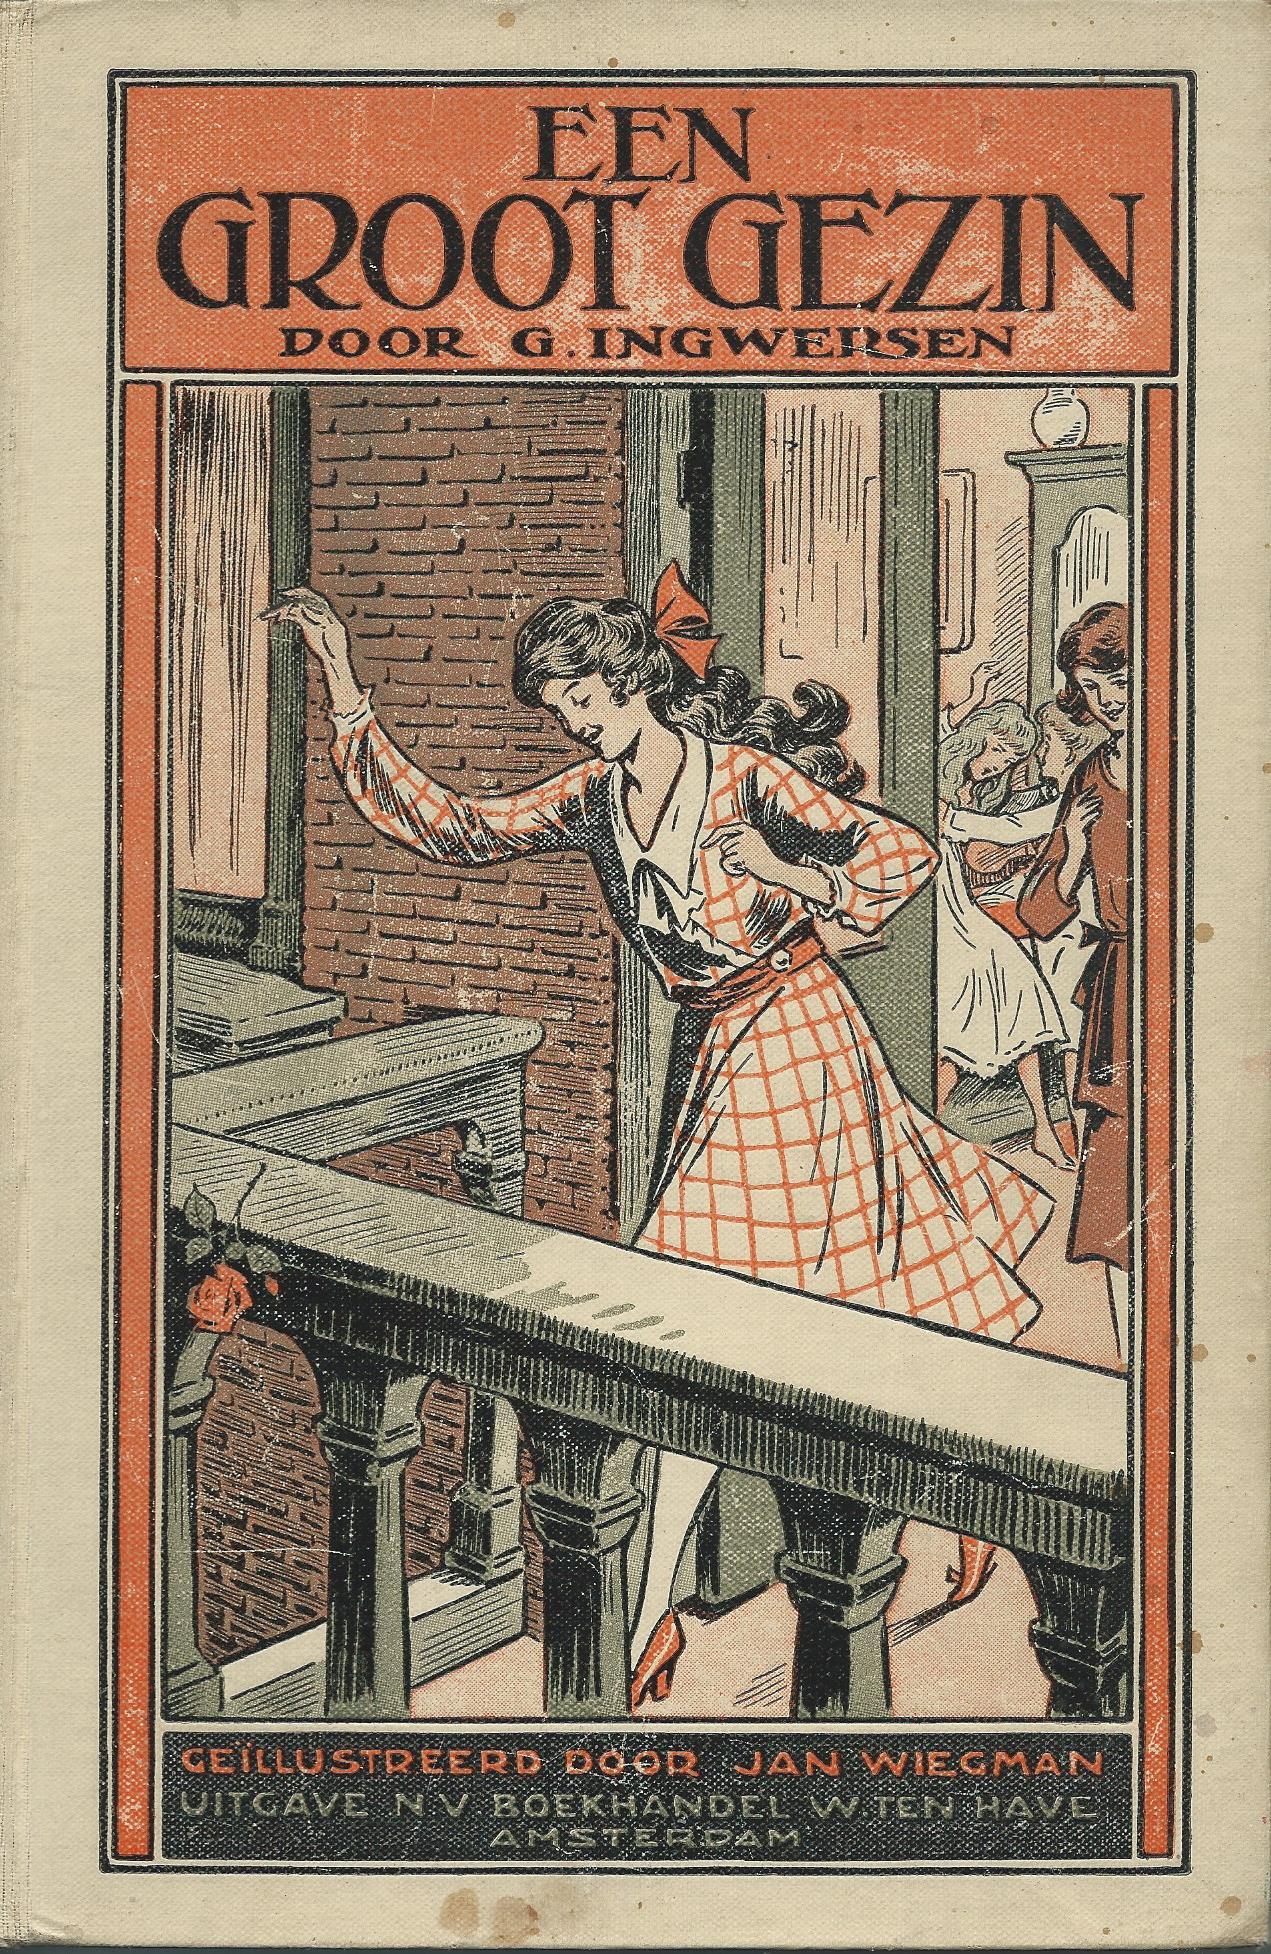 Ill. van Jan Wiegman, bij 'een groot gezin' door G.Ingwersen